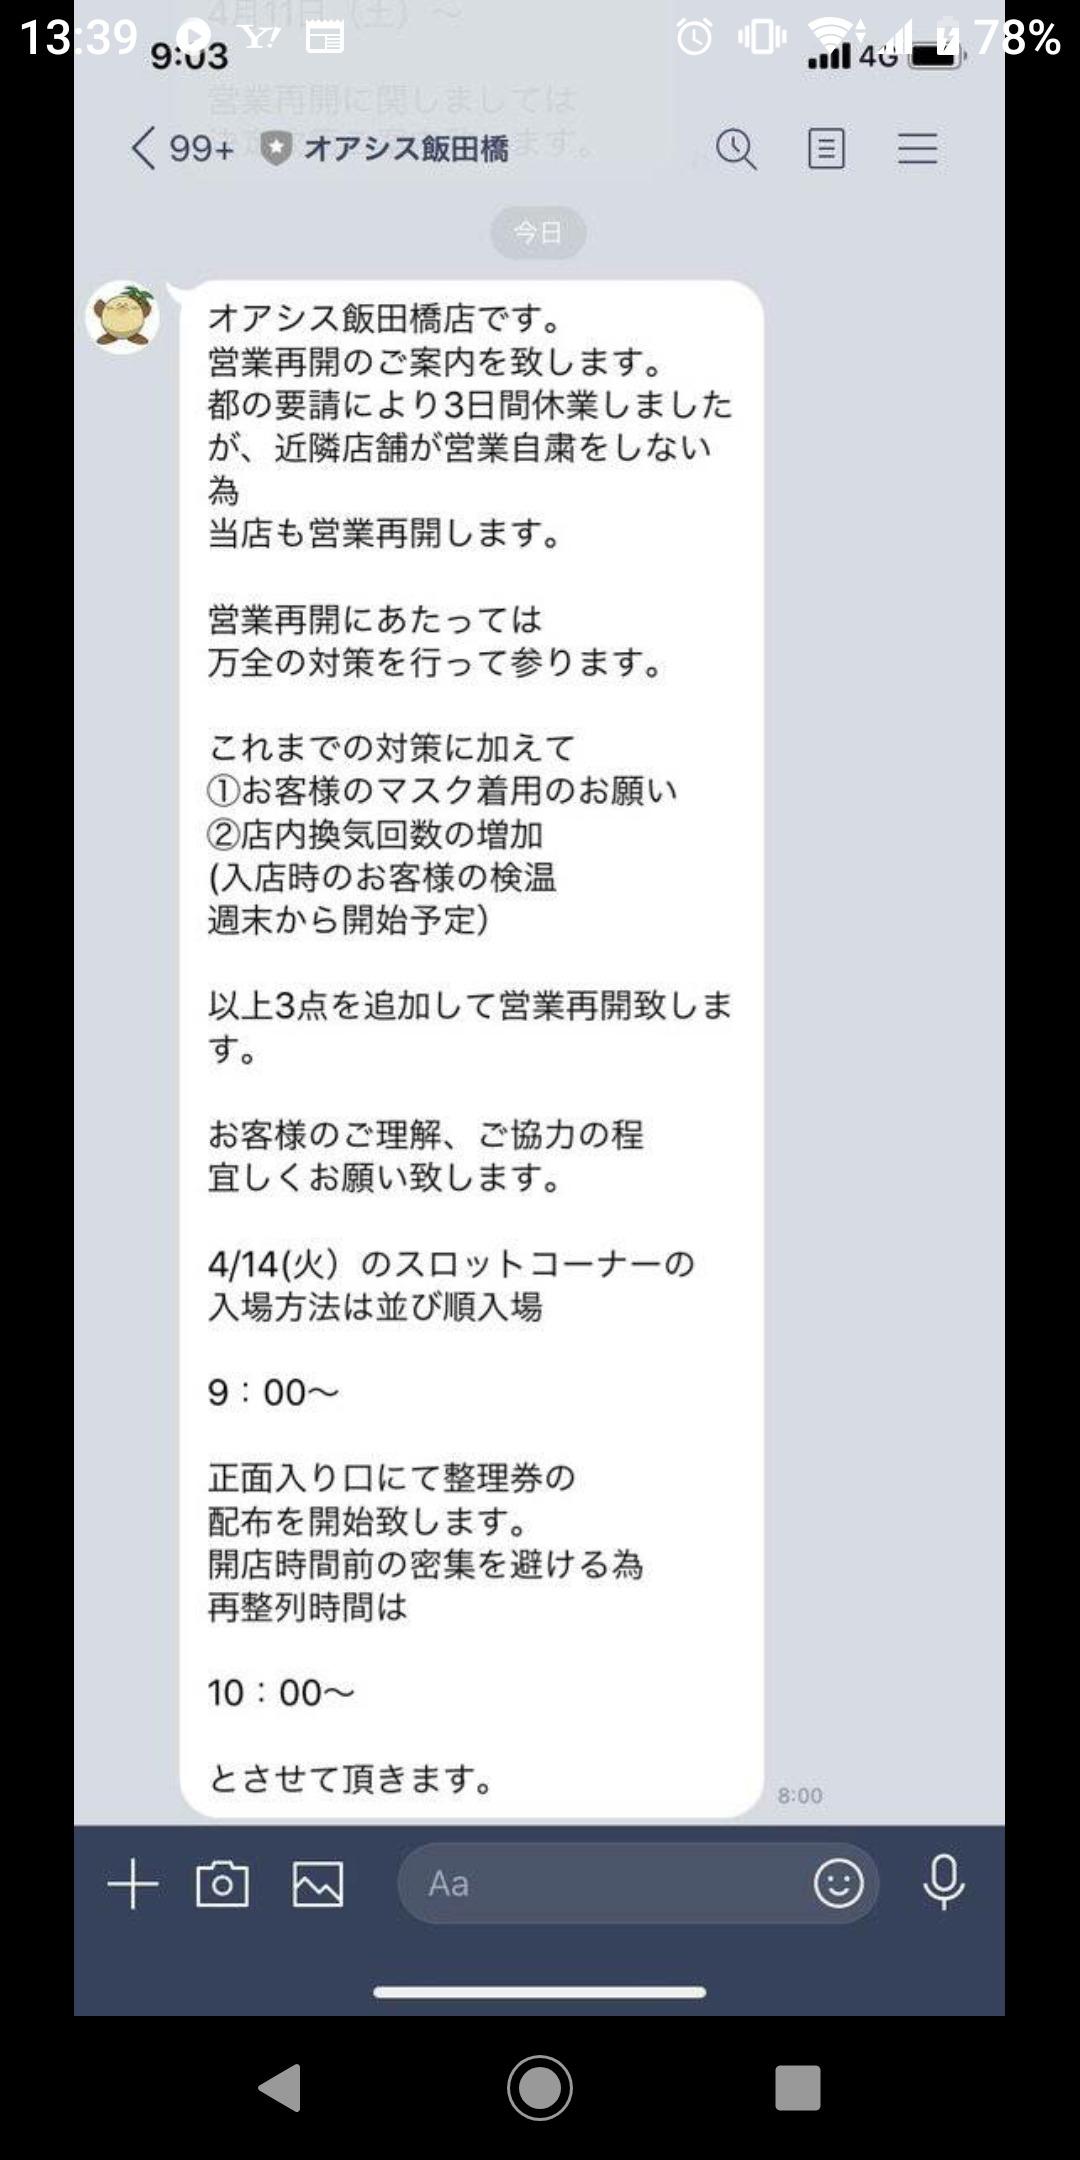 【パチンコ業界】店名公表パチンコ店、堺では300人行列 住民「ウイルス持ち込むかも、怖い」